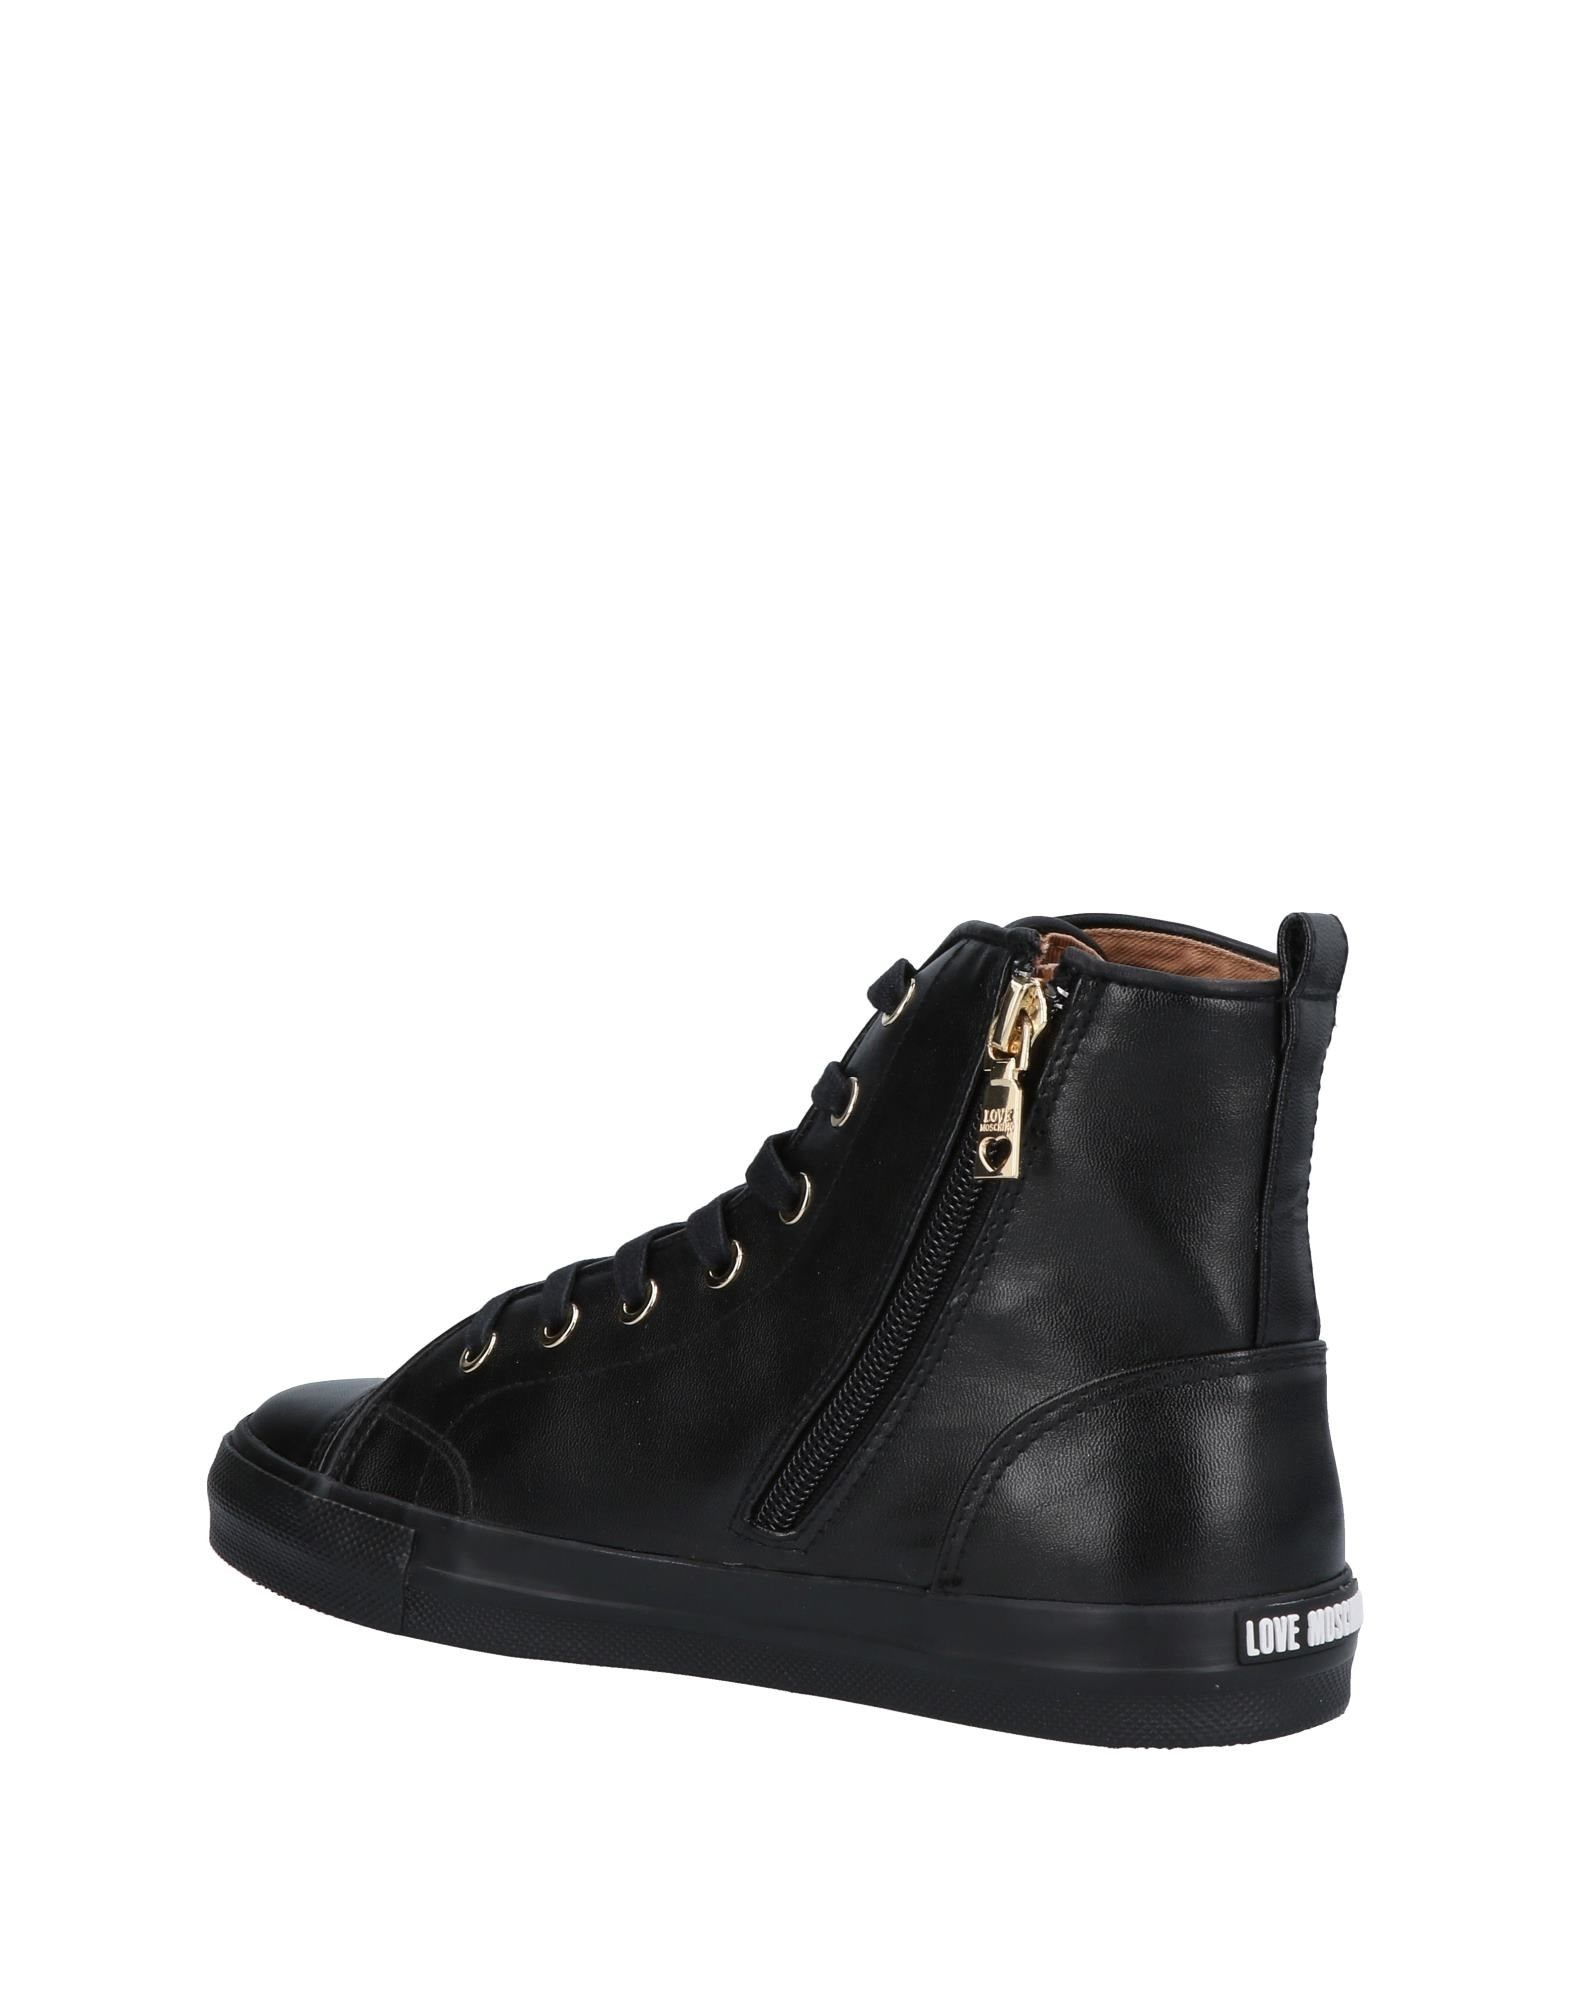 Love Moschino Sneakers Damen beliebte  11450968OT Gute Qualität beliebte Damen Schuhe 42fe4b